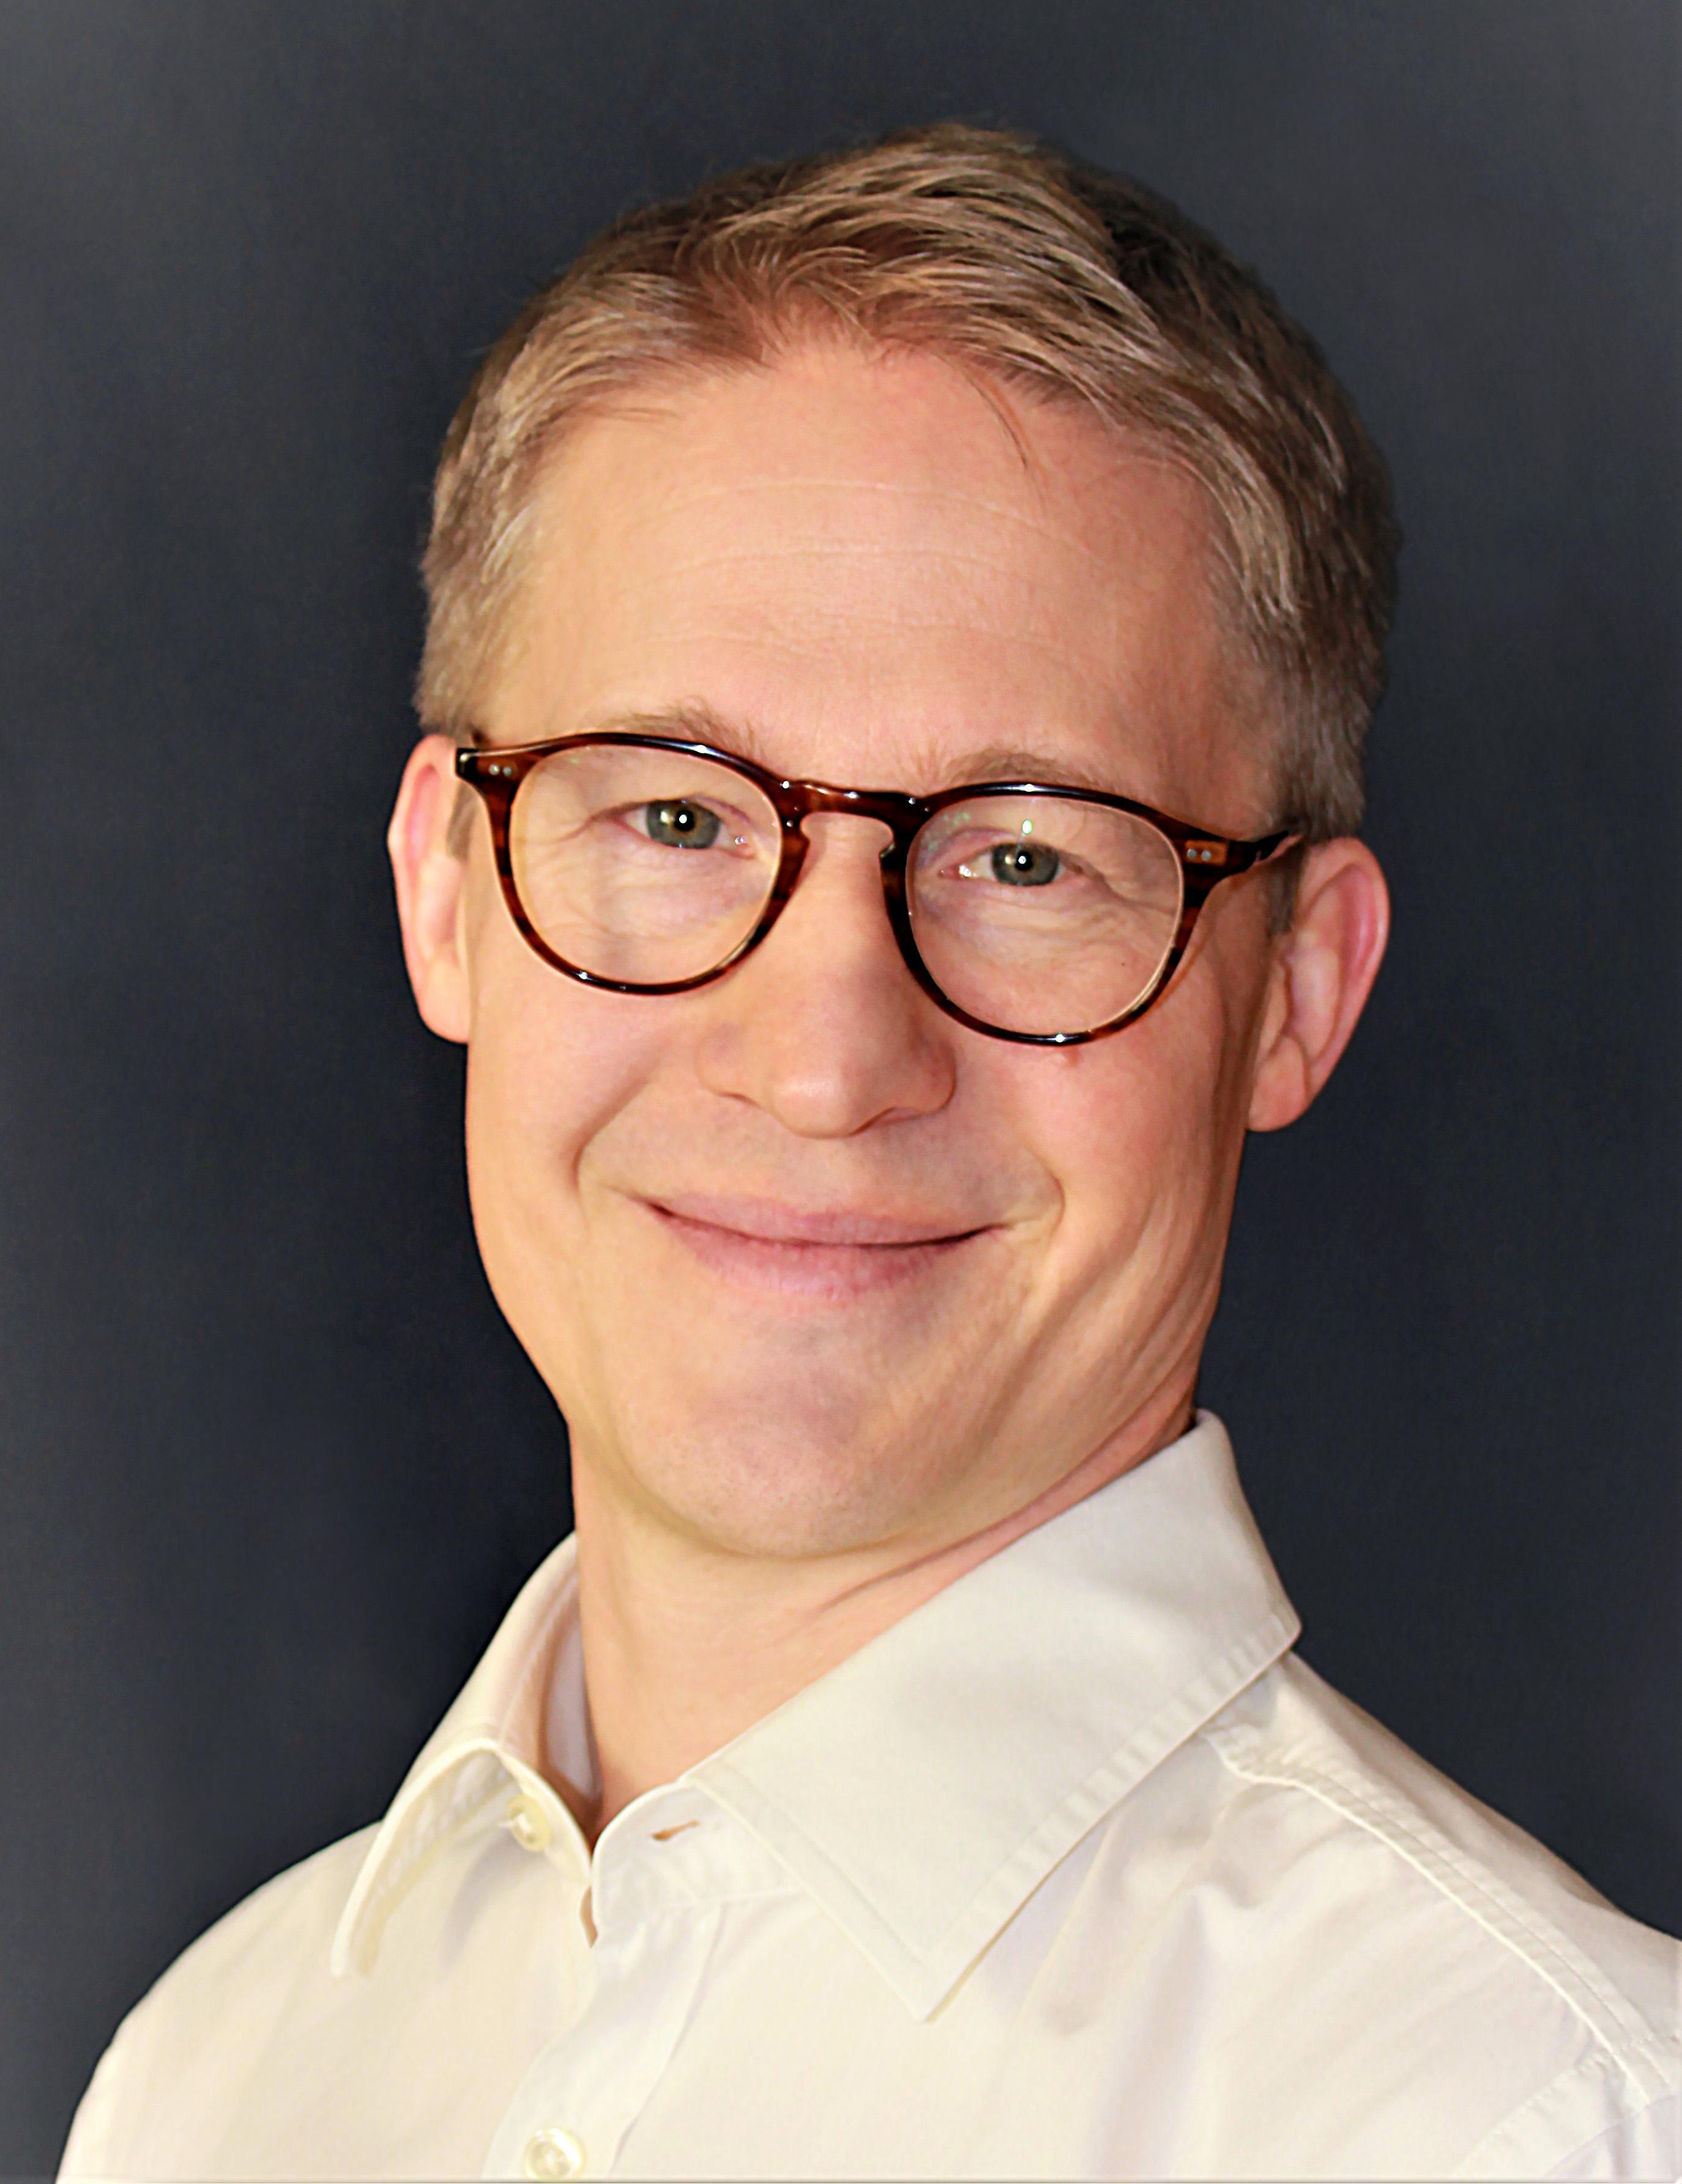 Christopher Freund